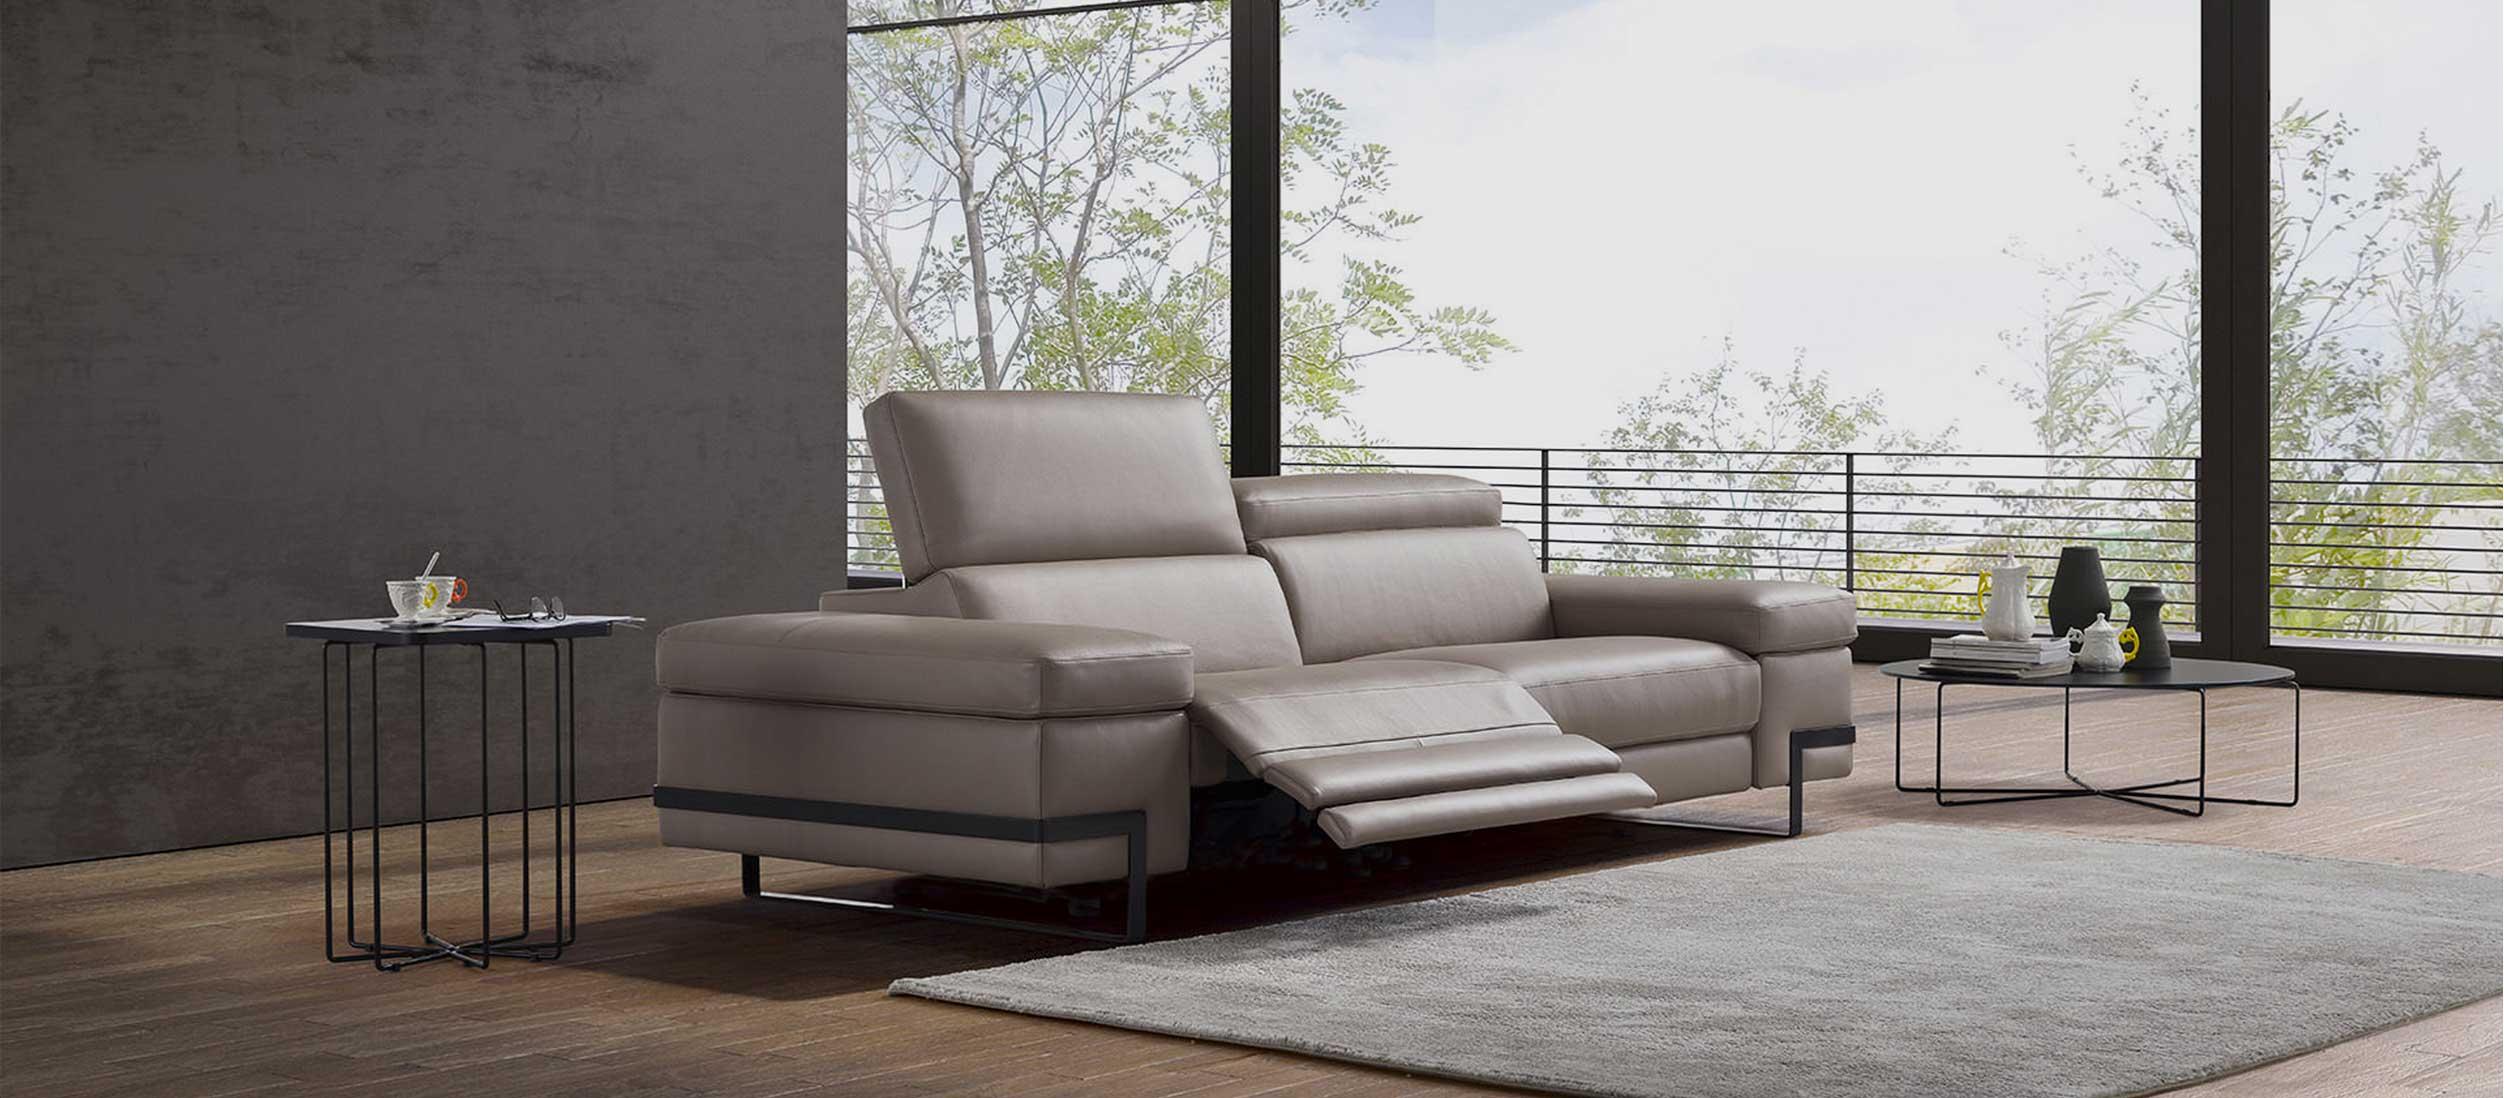 outlet sofas sofa chenille fabric india las rozas baratos madrid európolis